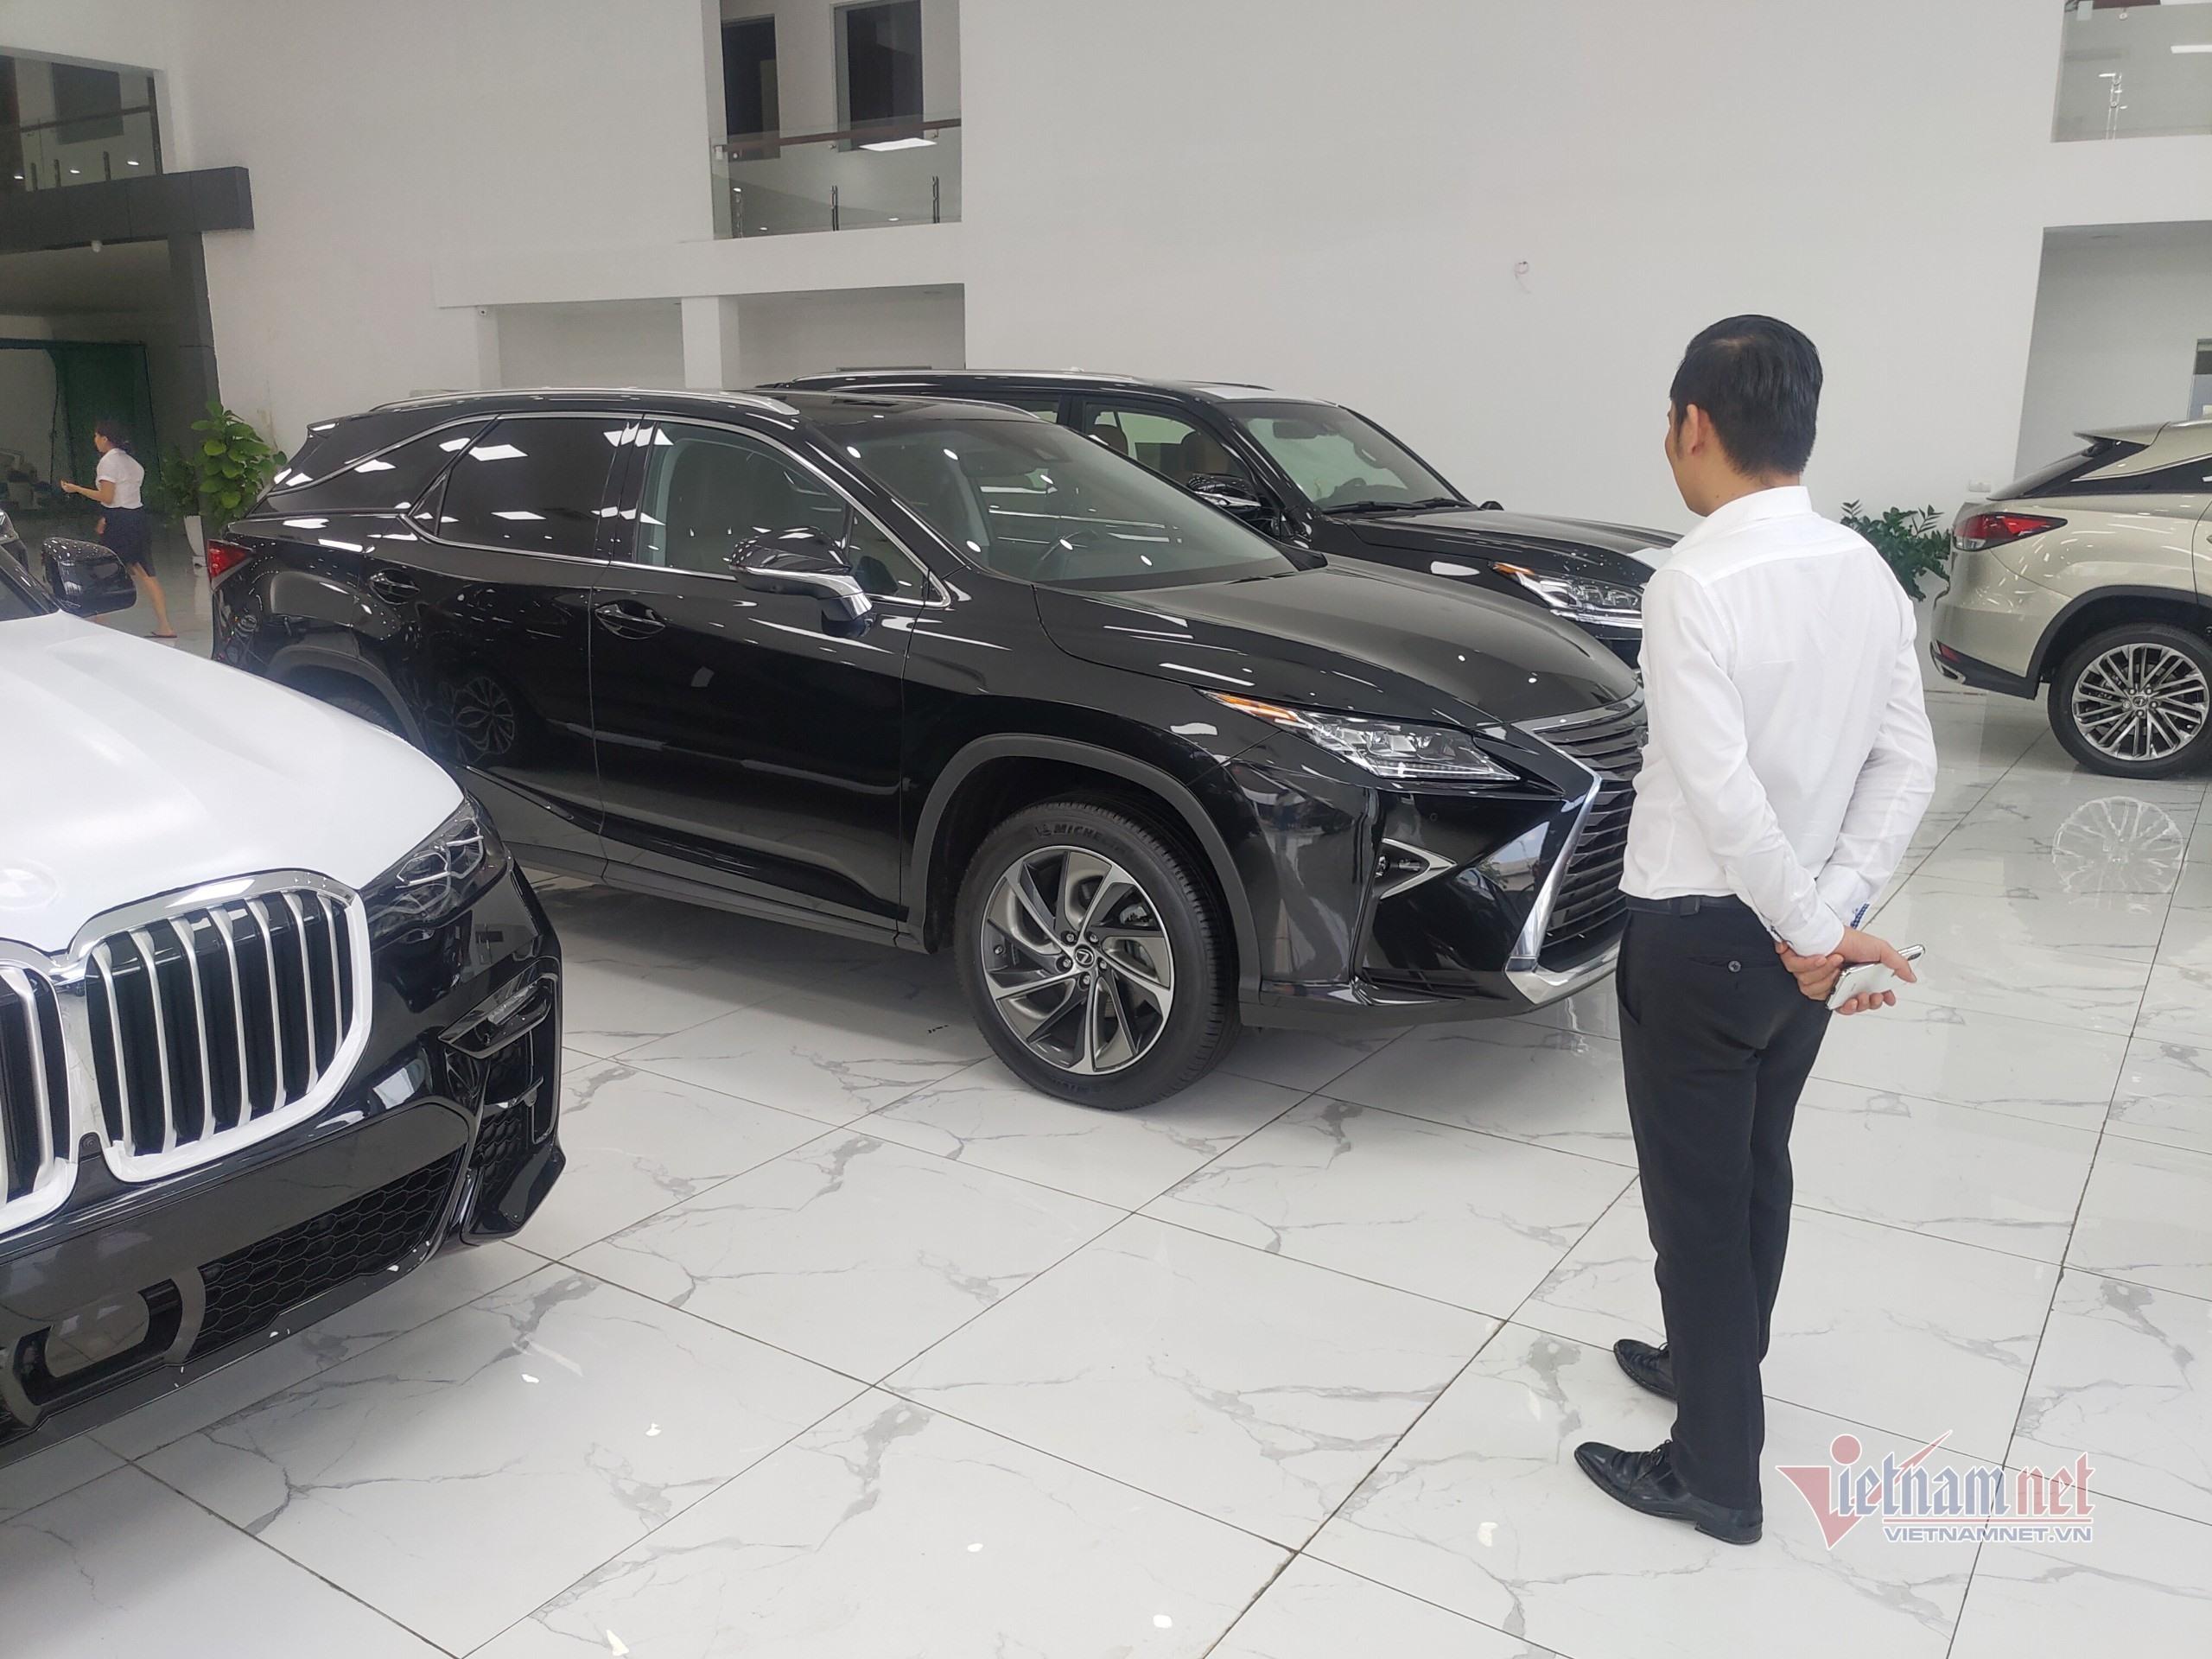 Giá ô tô giảm hấp dẫn, có nên mua ngay trong 'tháng cô hồn'?